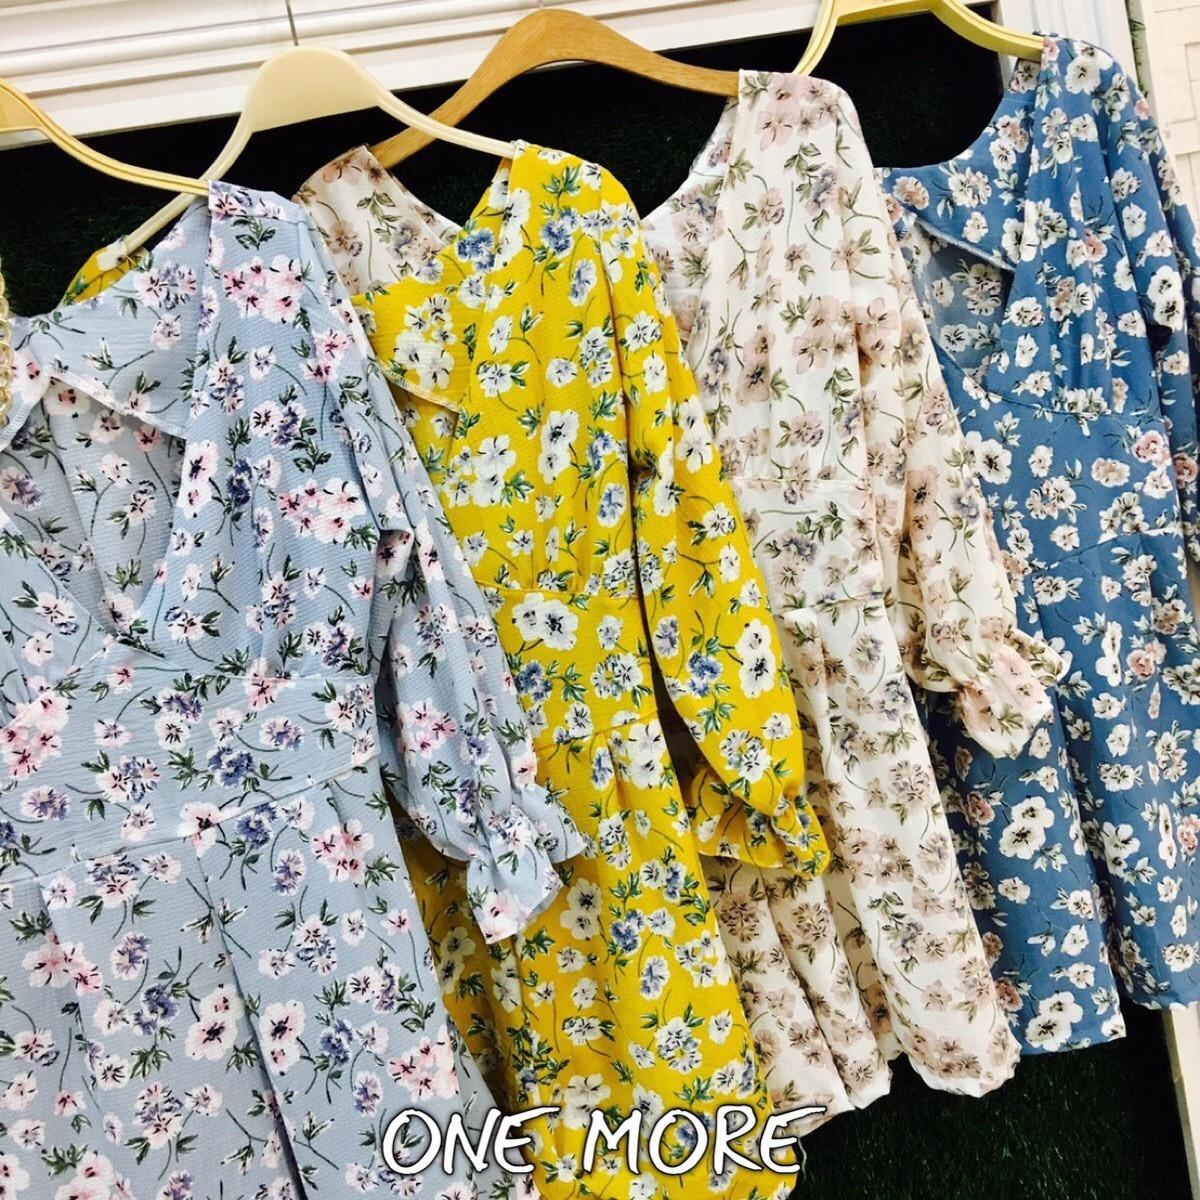 เสื้อผ้าเกาหลีพร้อมส่ง จั้มสุทลายดอกซากุระ